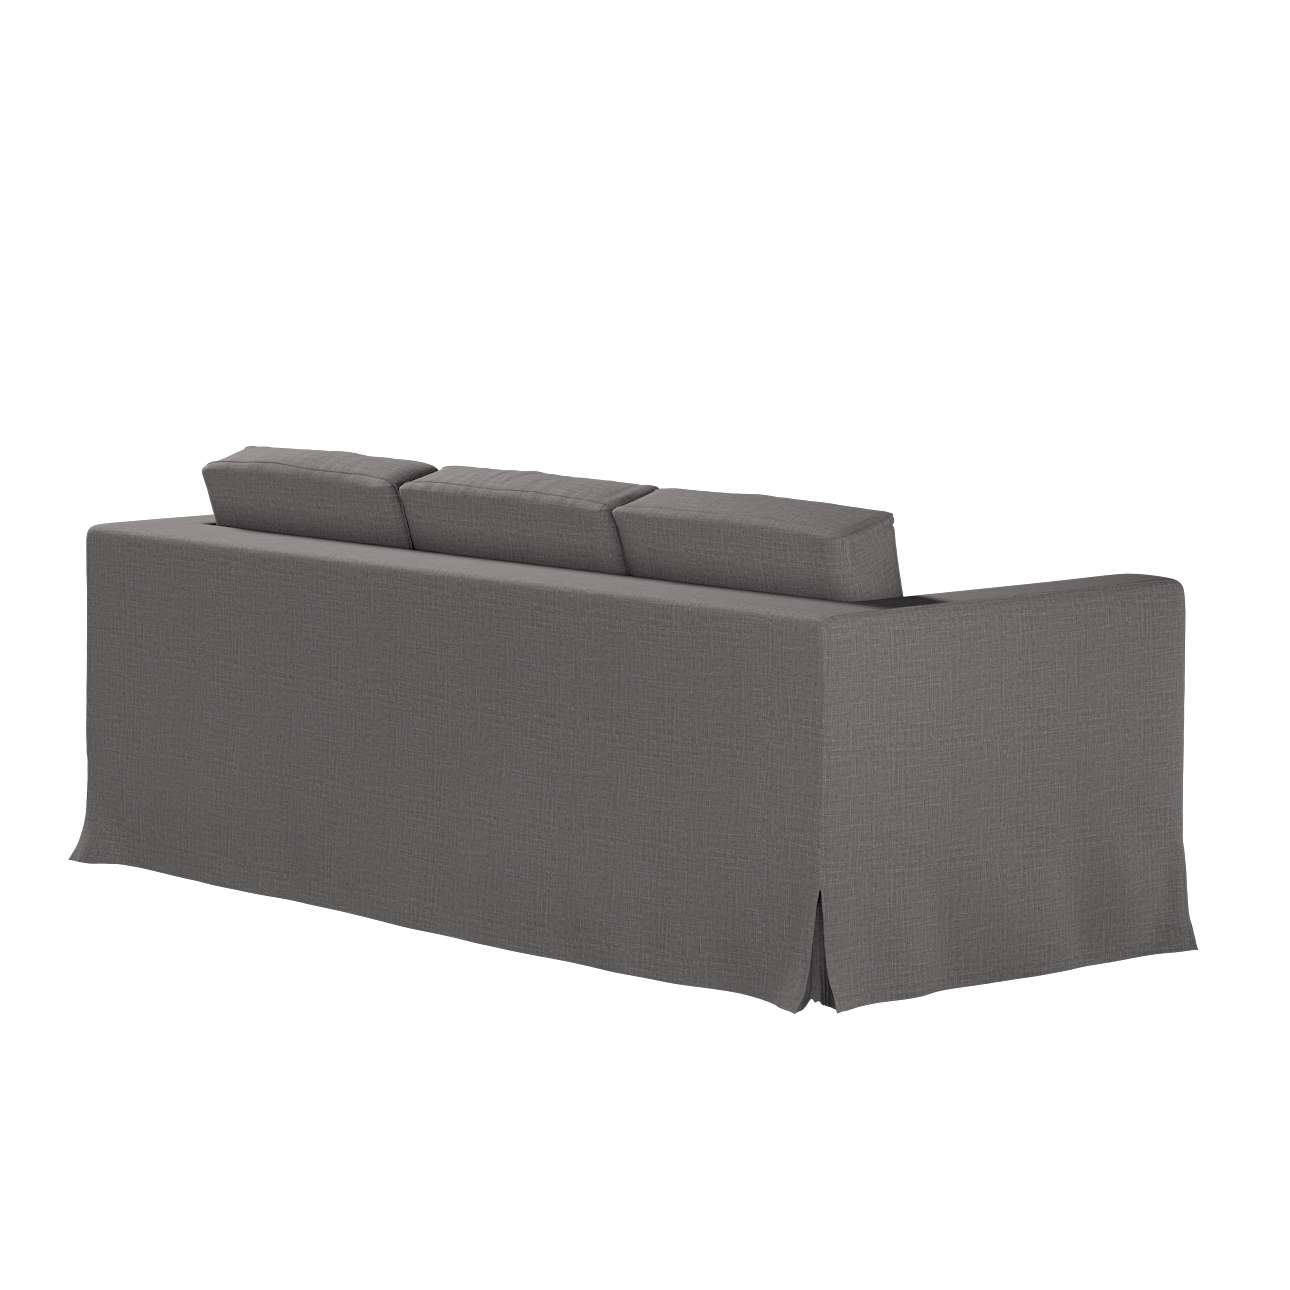 Karlanda klädsel 3-sits soffa - lång i kollektionen Living 2, Tyg: 161-16